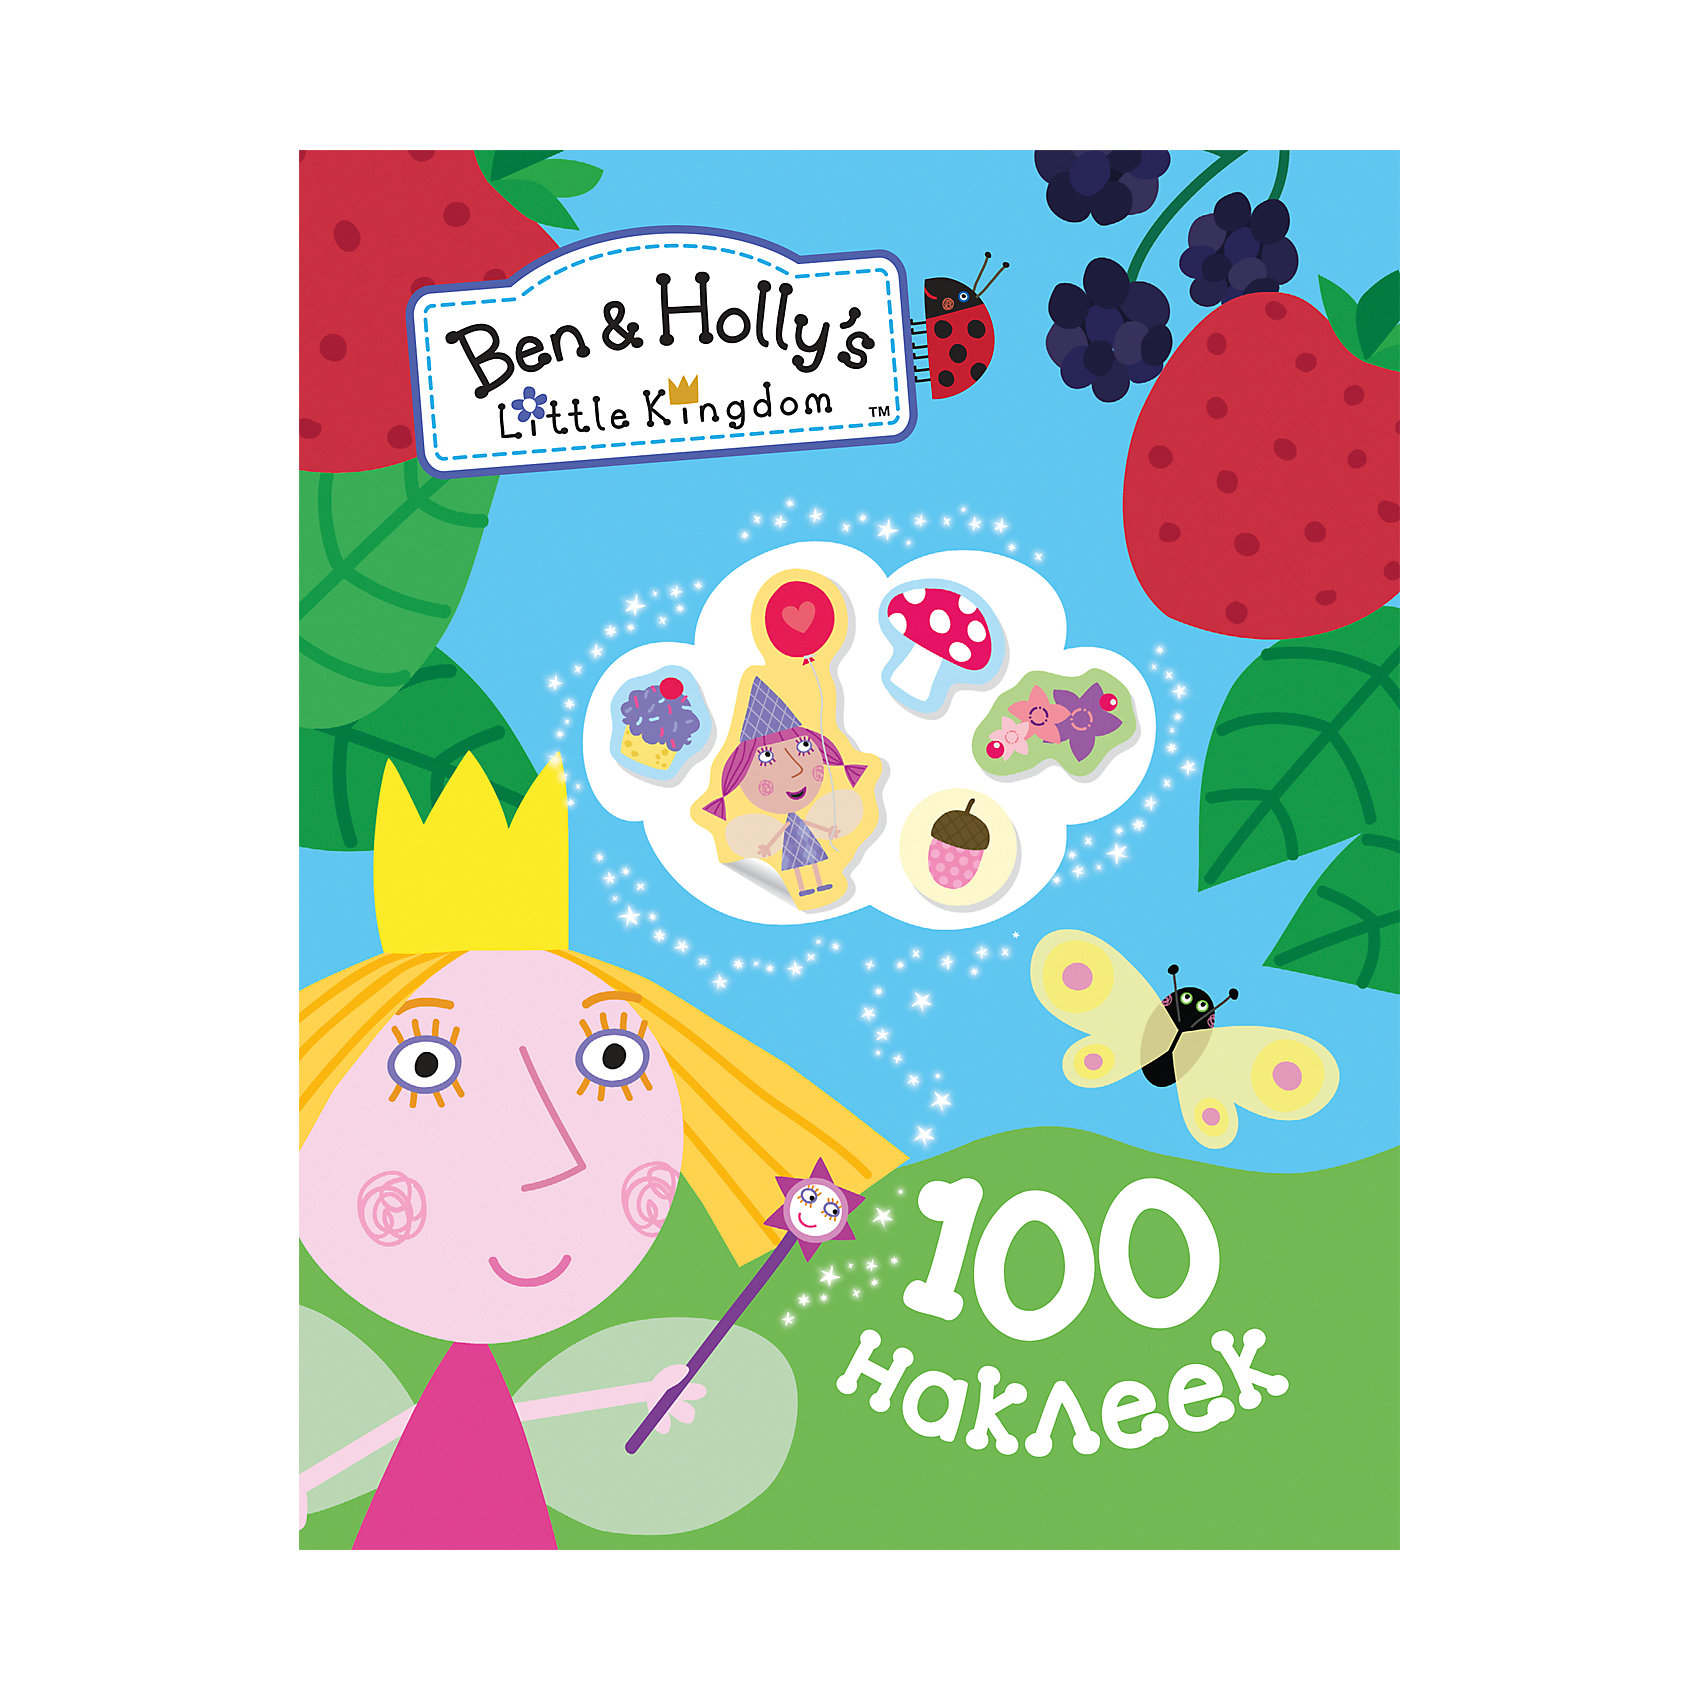 100 наклеек, Бен и ХоллиБен и Холли<br>Характеристики:<br>• в комплекте: 100 наклеек;<br>• материал: бумага, полимер;<br>• ISBN:  4680274028816;<br>• возраст: от 3-х лет;<br>• вес: 80 грамм.<br><br>С помощью набора наклеек юный дизайнер сможет украсить свою комнату яркими изображениями героев любимого мультфильма «Маленькое королевство Бена и Холли».<br><br>Наклейки можно приклеить к тетрадям, дневнику, книгам или мебели.<br><br>100 наклеек, Бен и Холли, Росмэн можно купить в нашем интернет-магазине.<br><br>Ширина мм: 201<br>Глубина мм: 153<br>Высота мм: 20<br>Вес г: 32<br>Возраст от месяцев: -2147483648<br>Возраст до месяцев: 2147483647<br>Пол: Унисекс<br>Возраст: Детский<br>SKU: 5453527